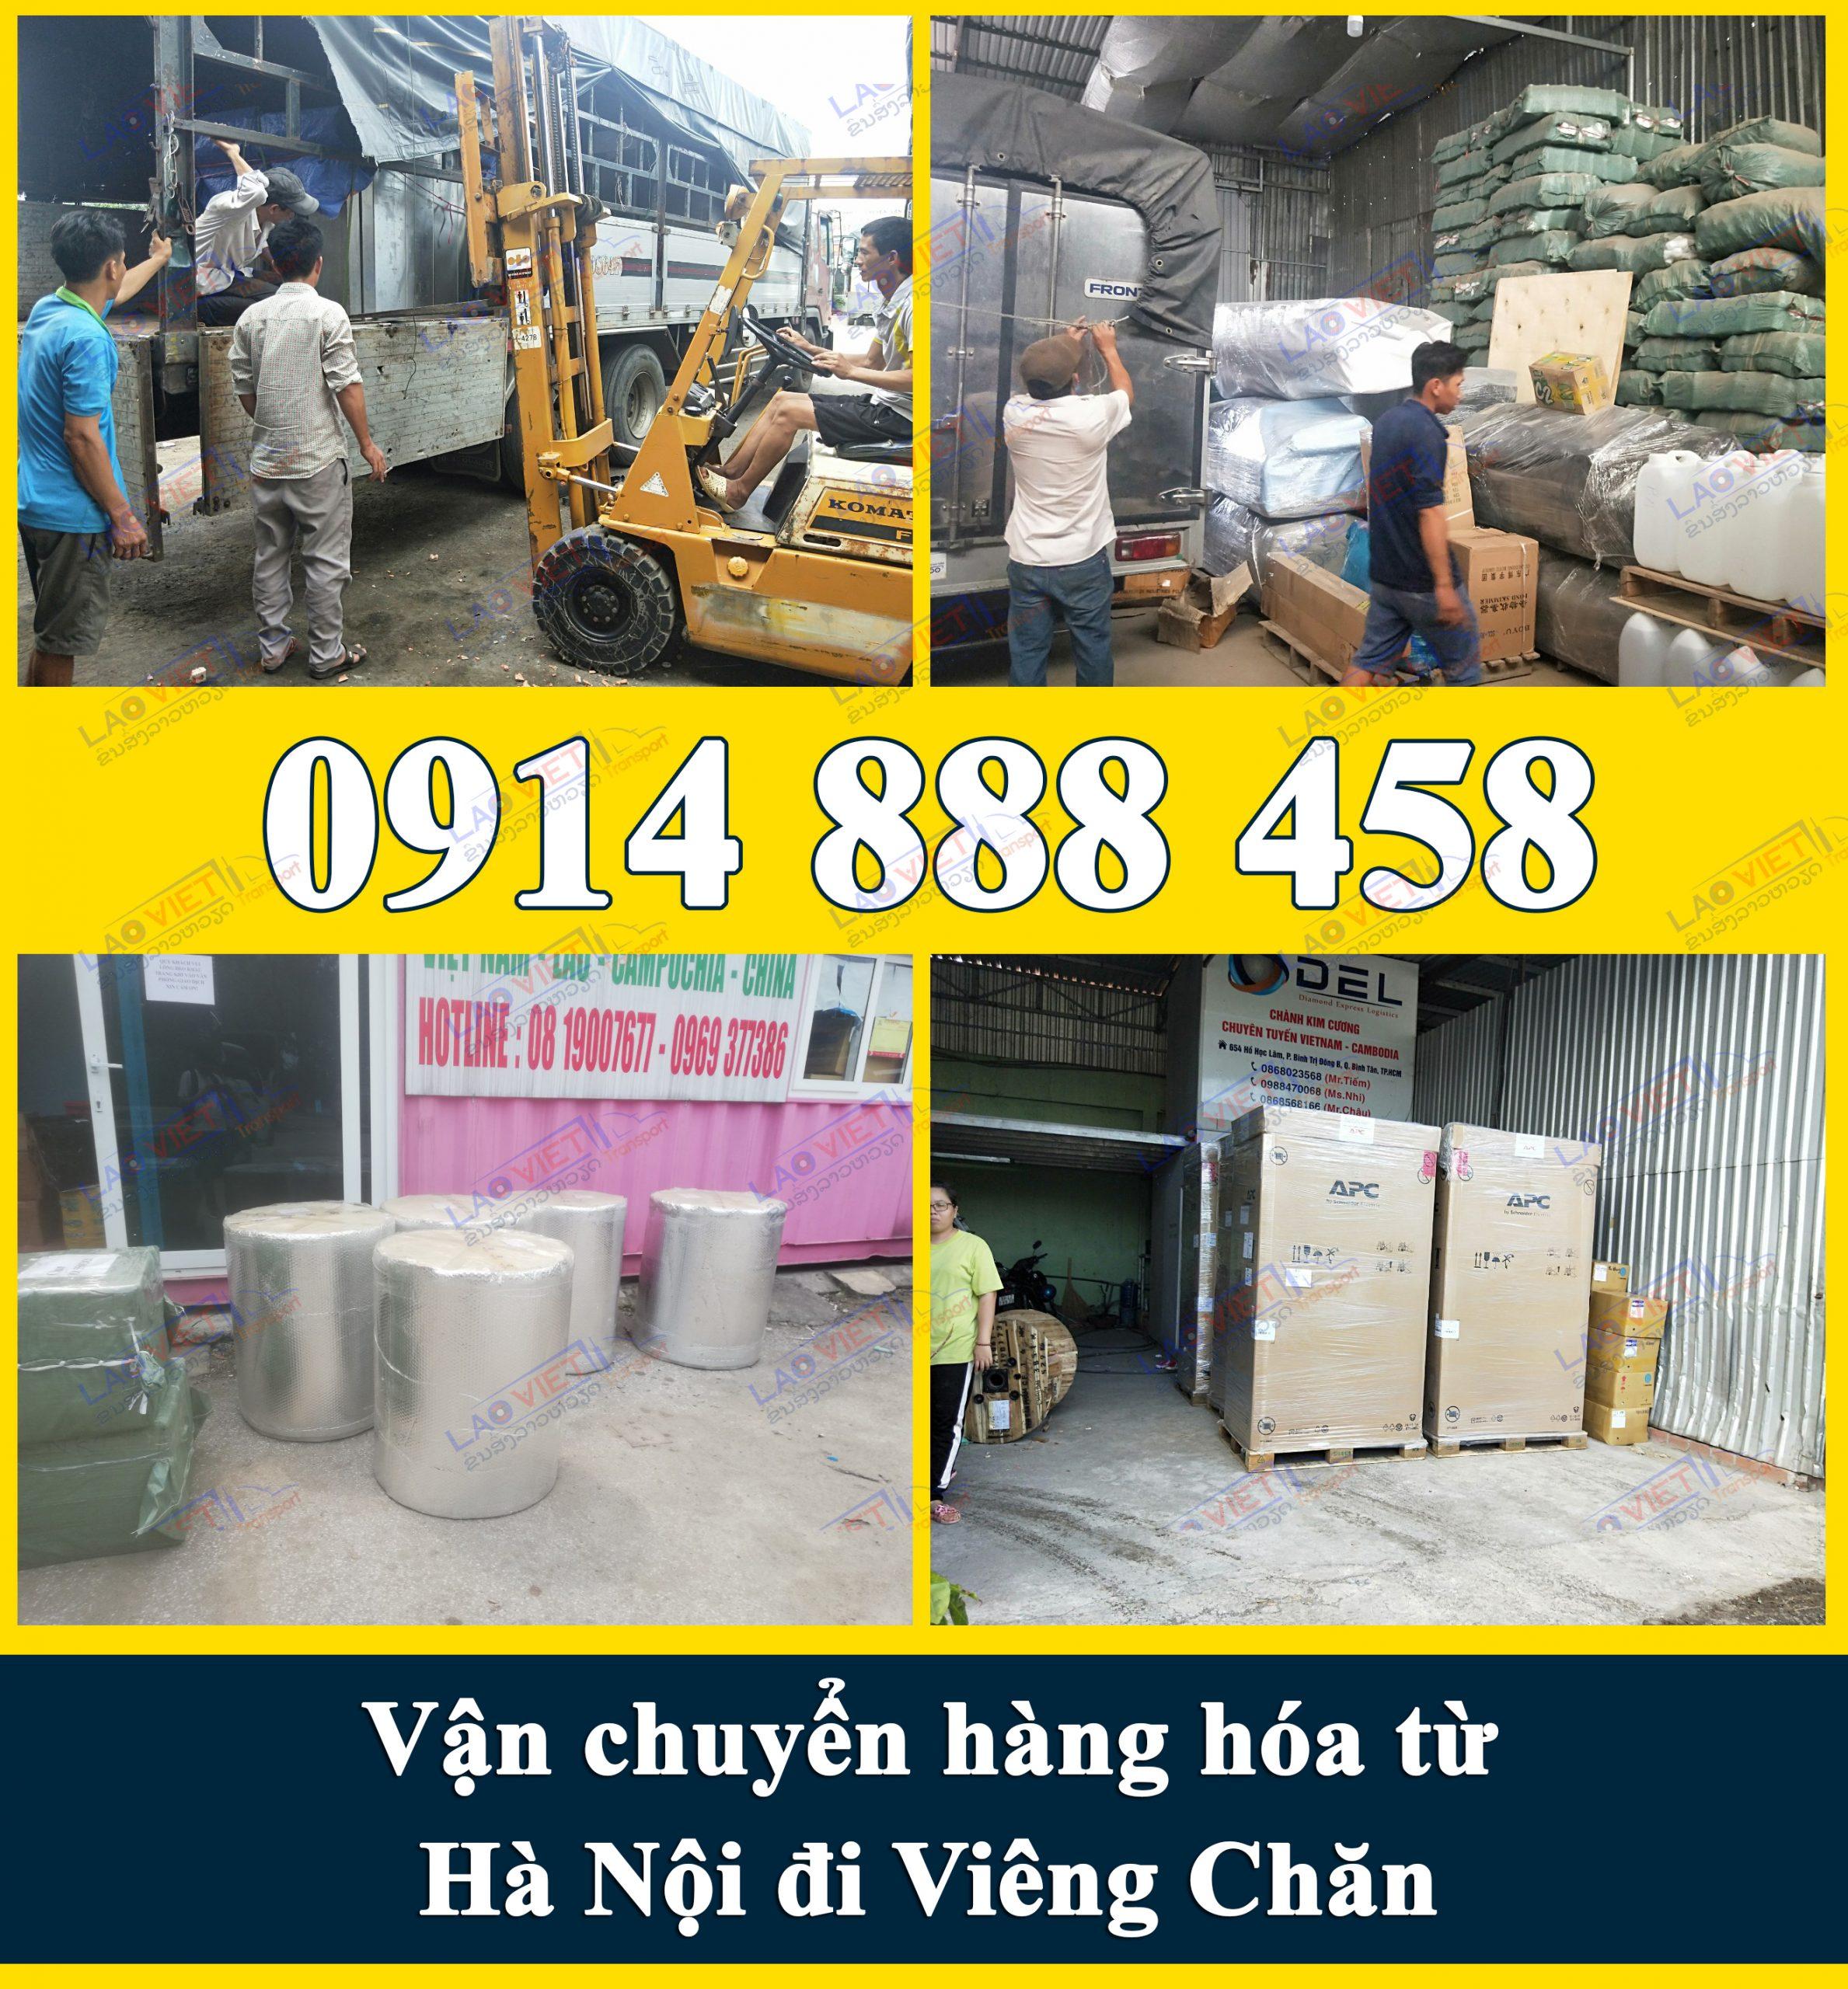 Vận chuyển hàng hóa từ Hà Nội đi Viêng Chăn giá rẻ